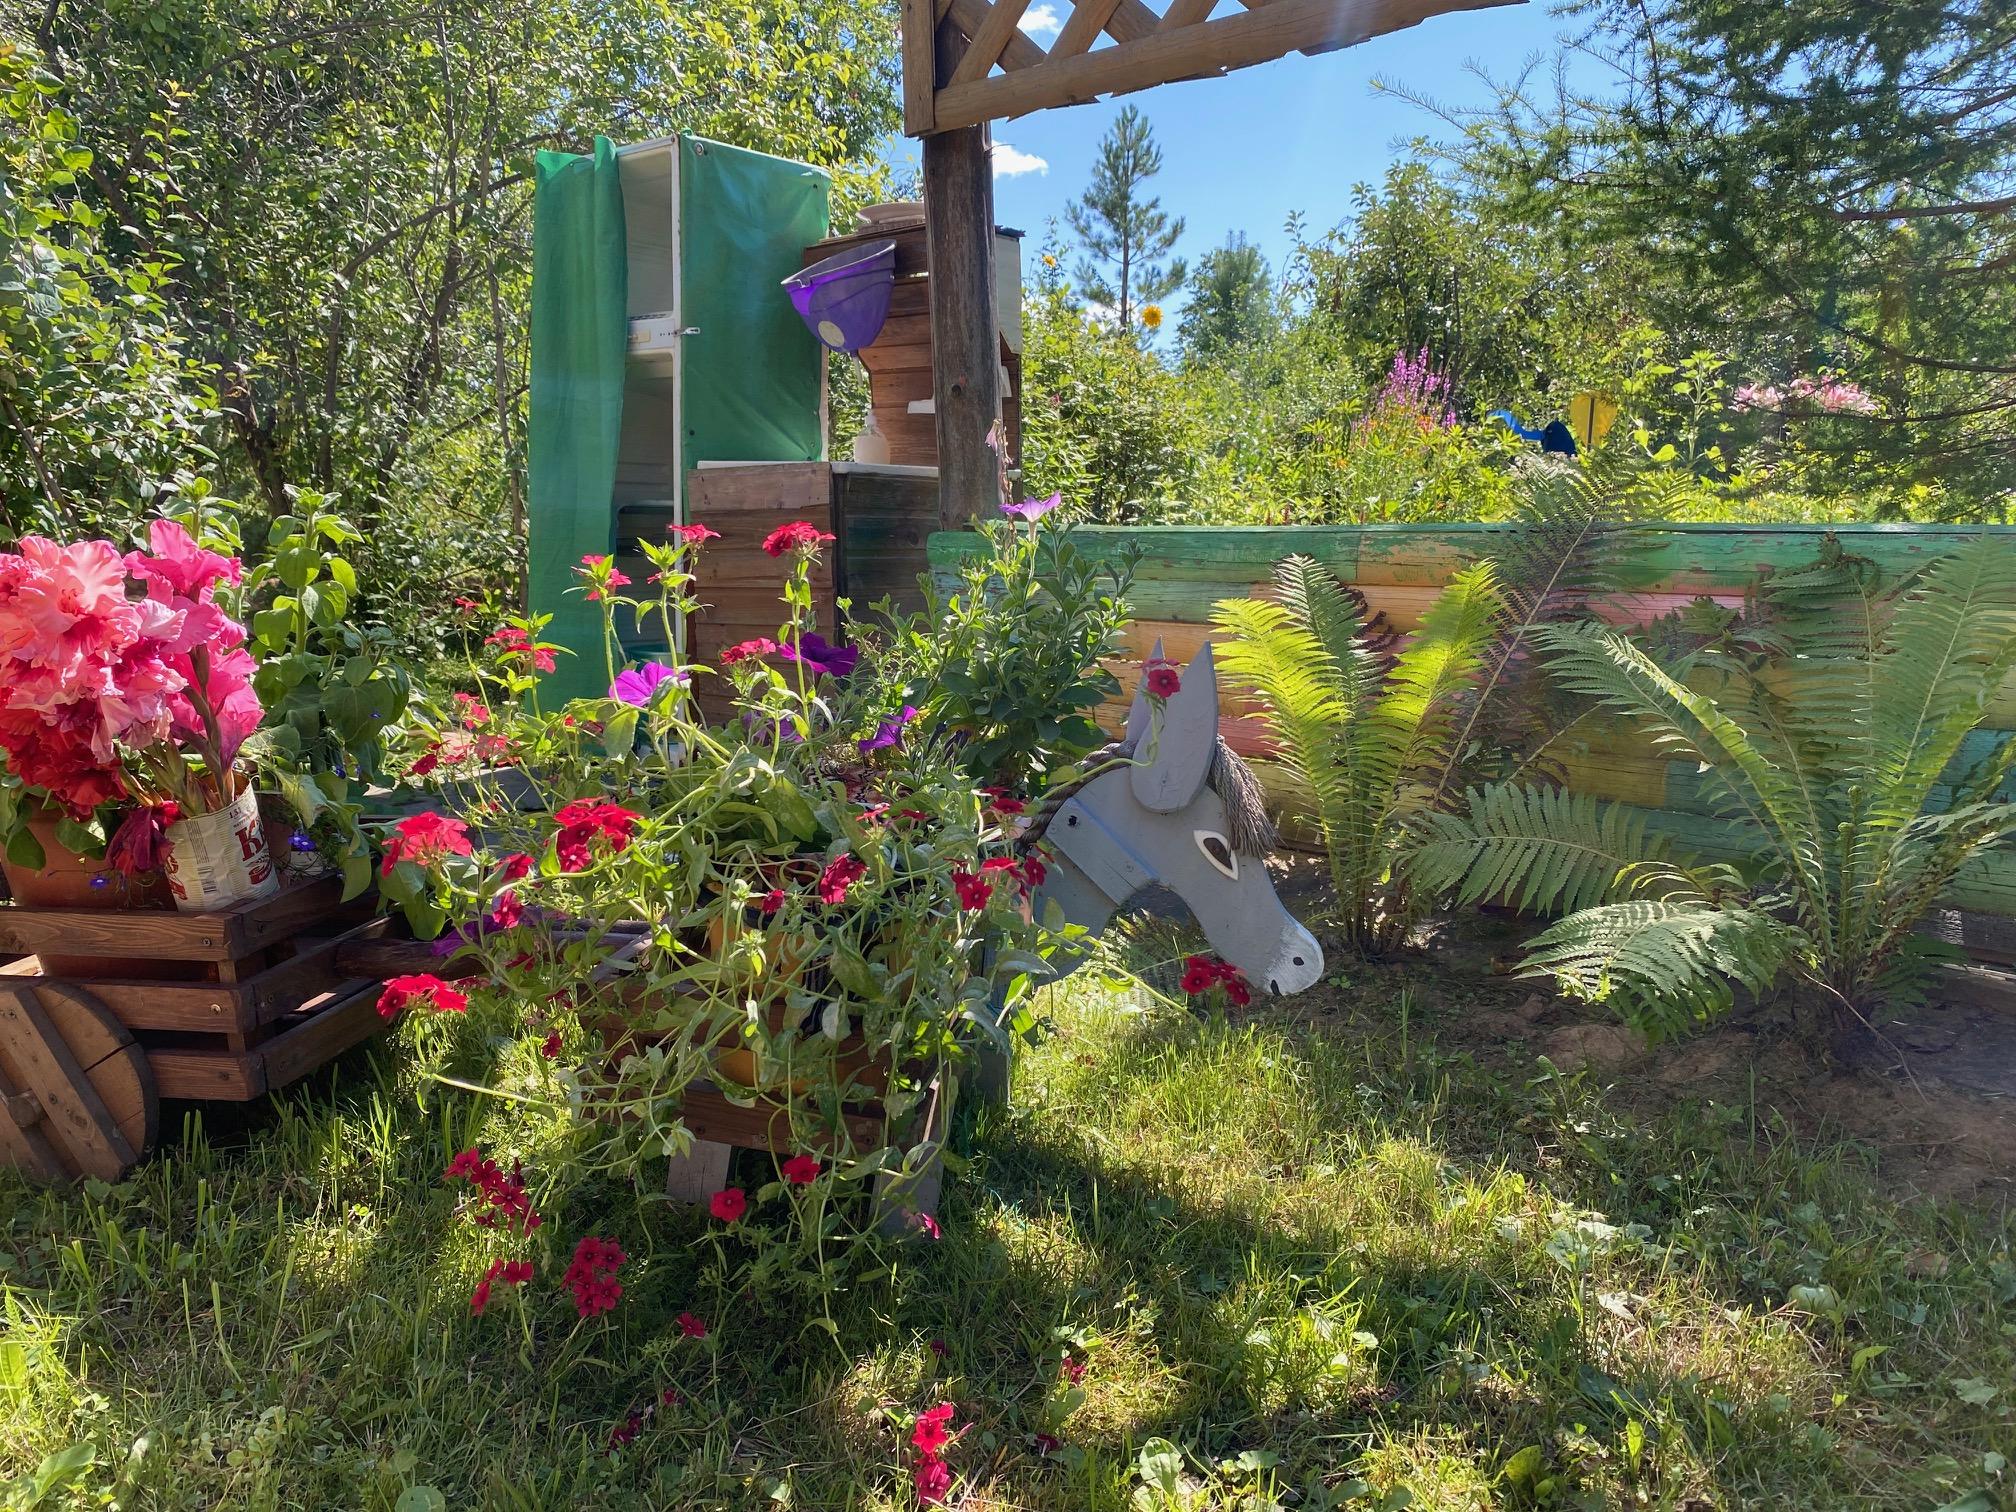 Вятские садоводы едут на дачи за здоровьем и долголетием